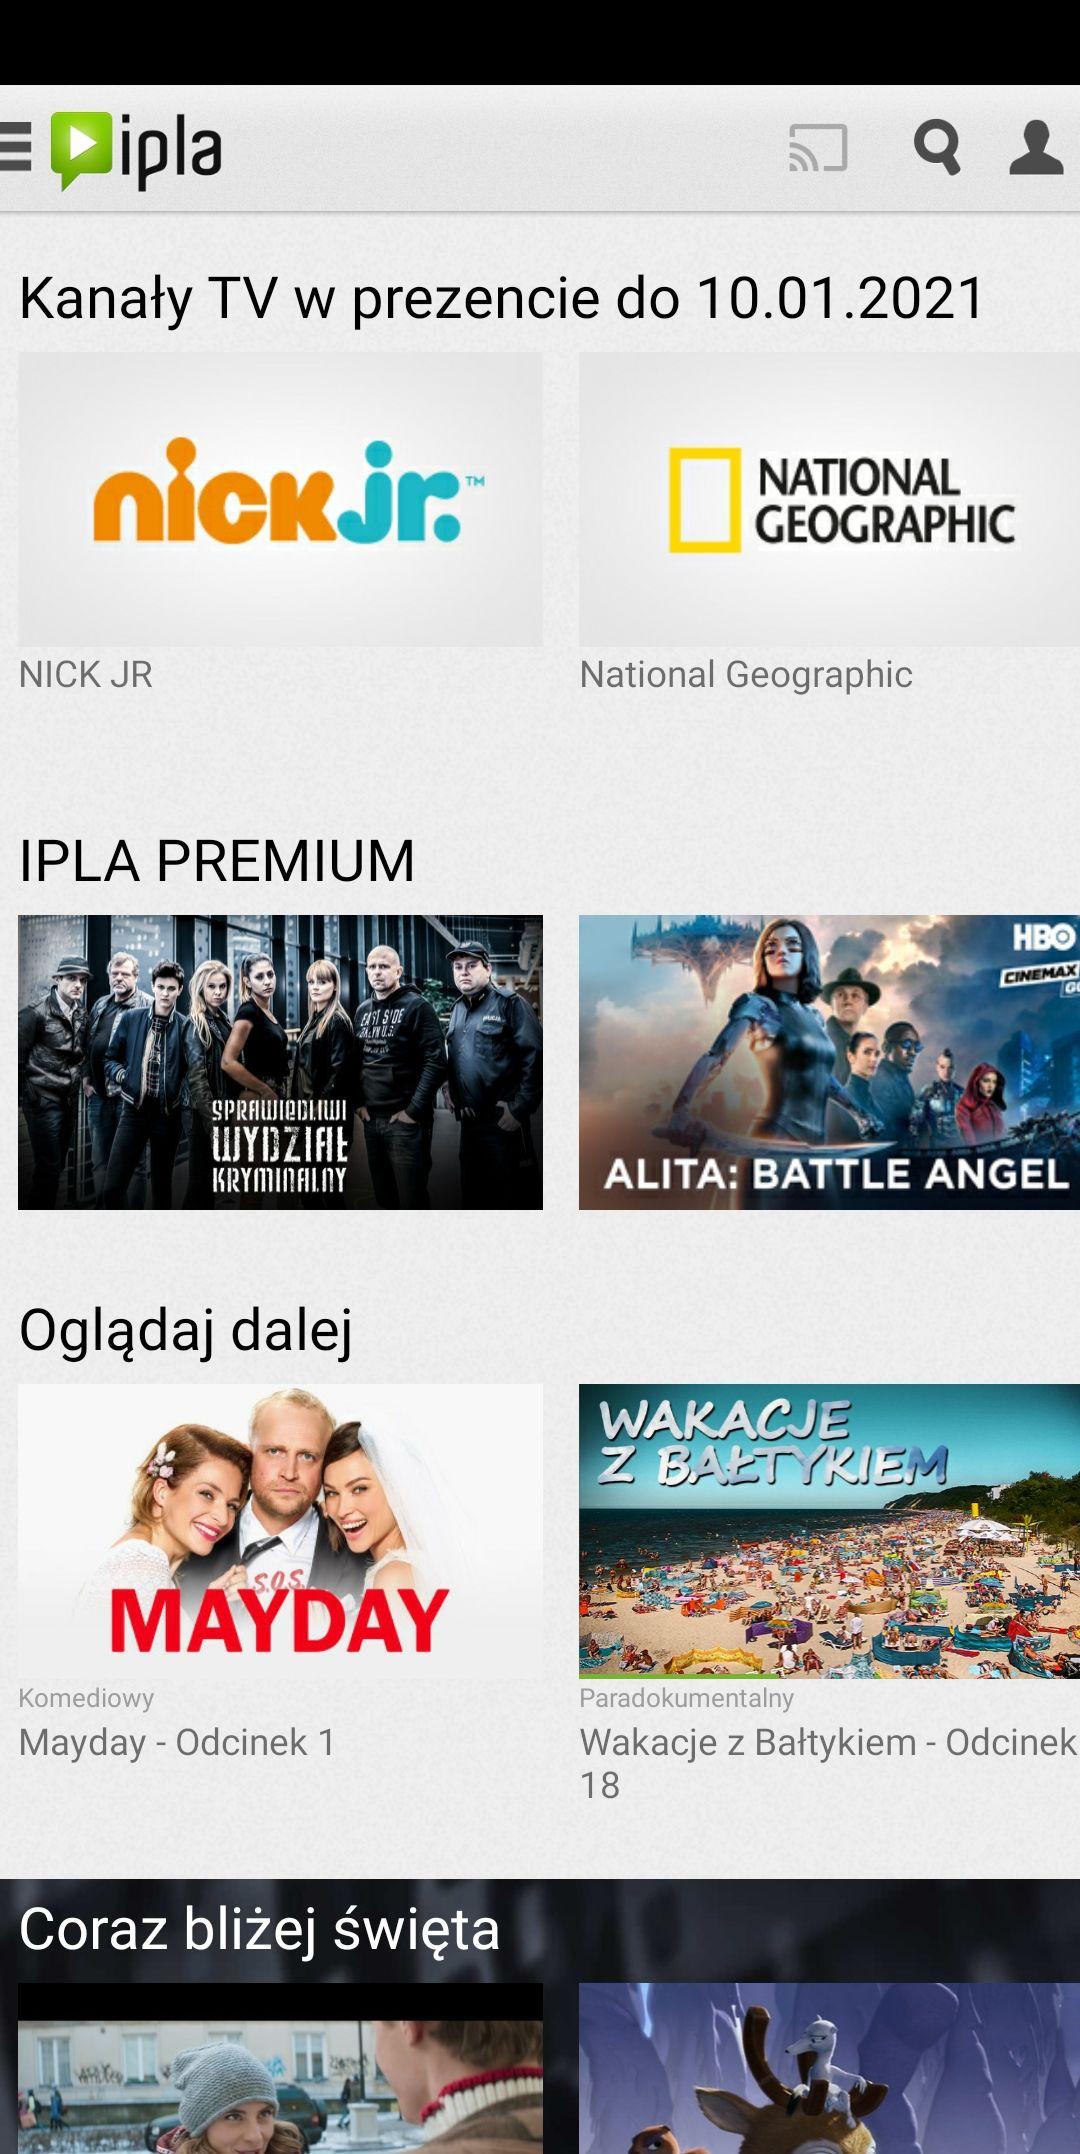 Ponad 40 kanałów TV odkodowanych na święta od Cyfrowego Polsatu i IPLI dla klientów Plus/Plush